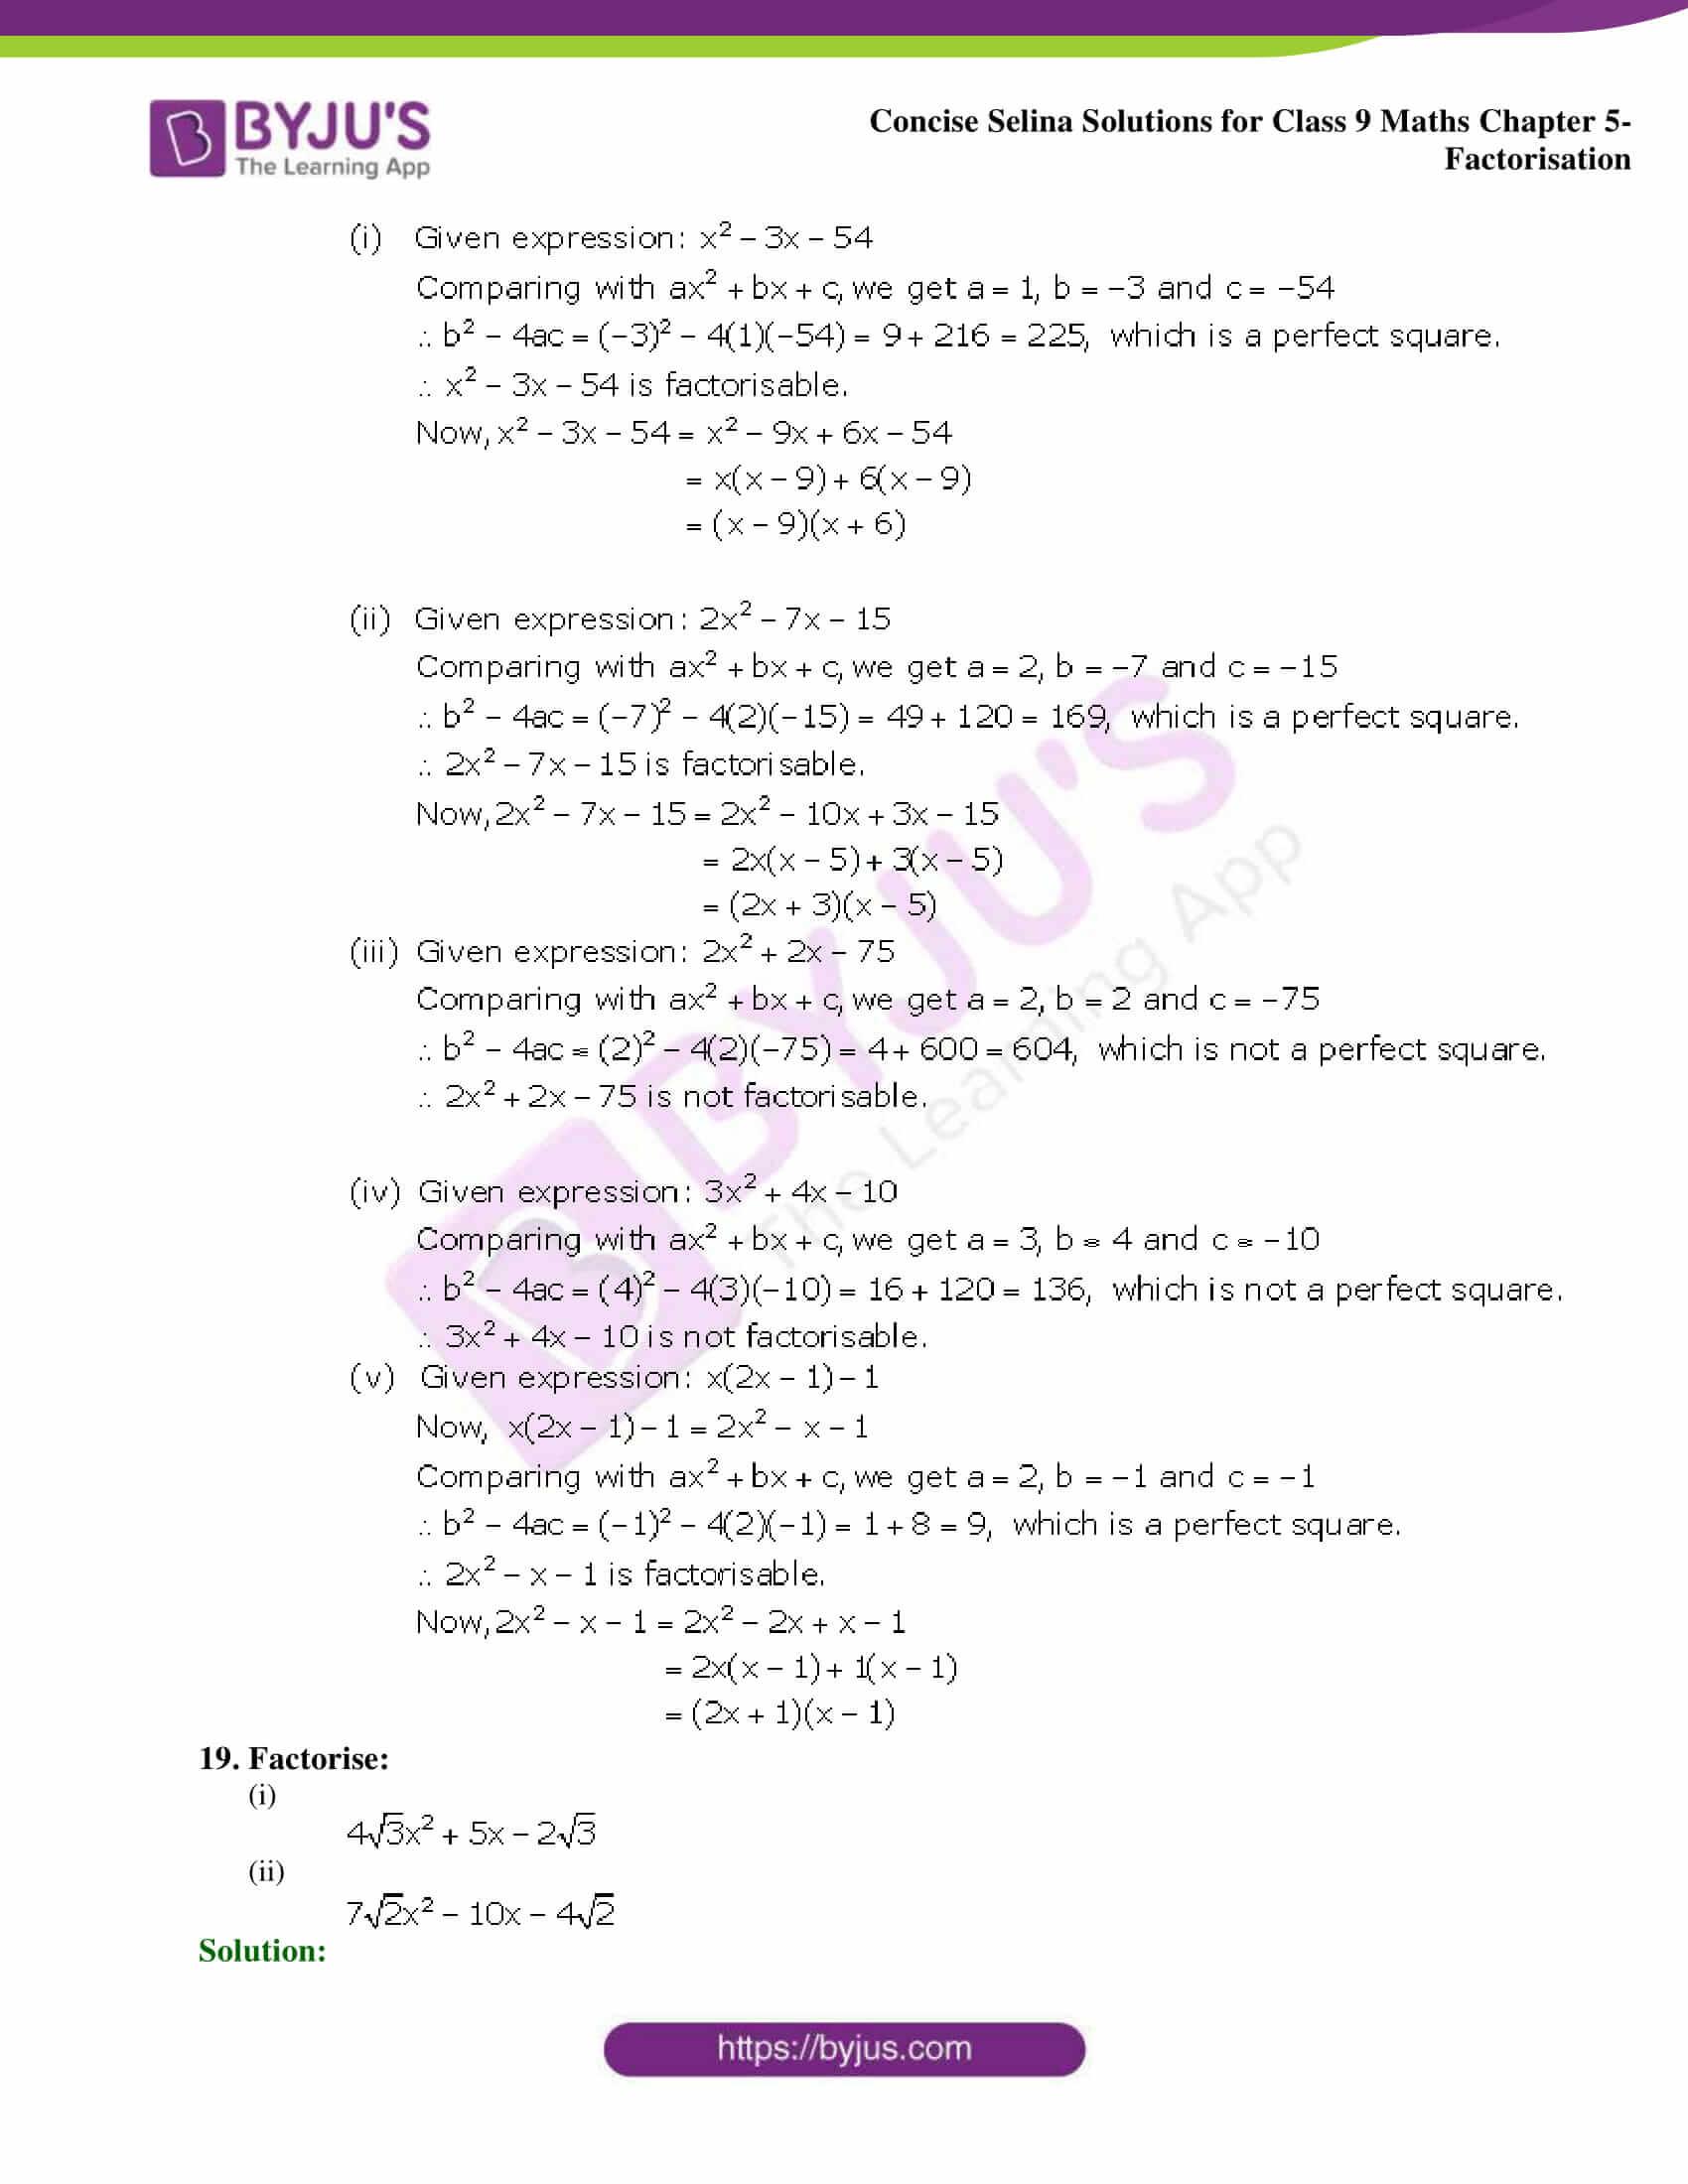 Selina Solutions Class 9 Maths Chapter 5 Factorisation part 10